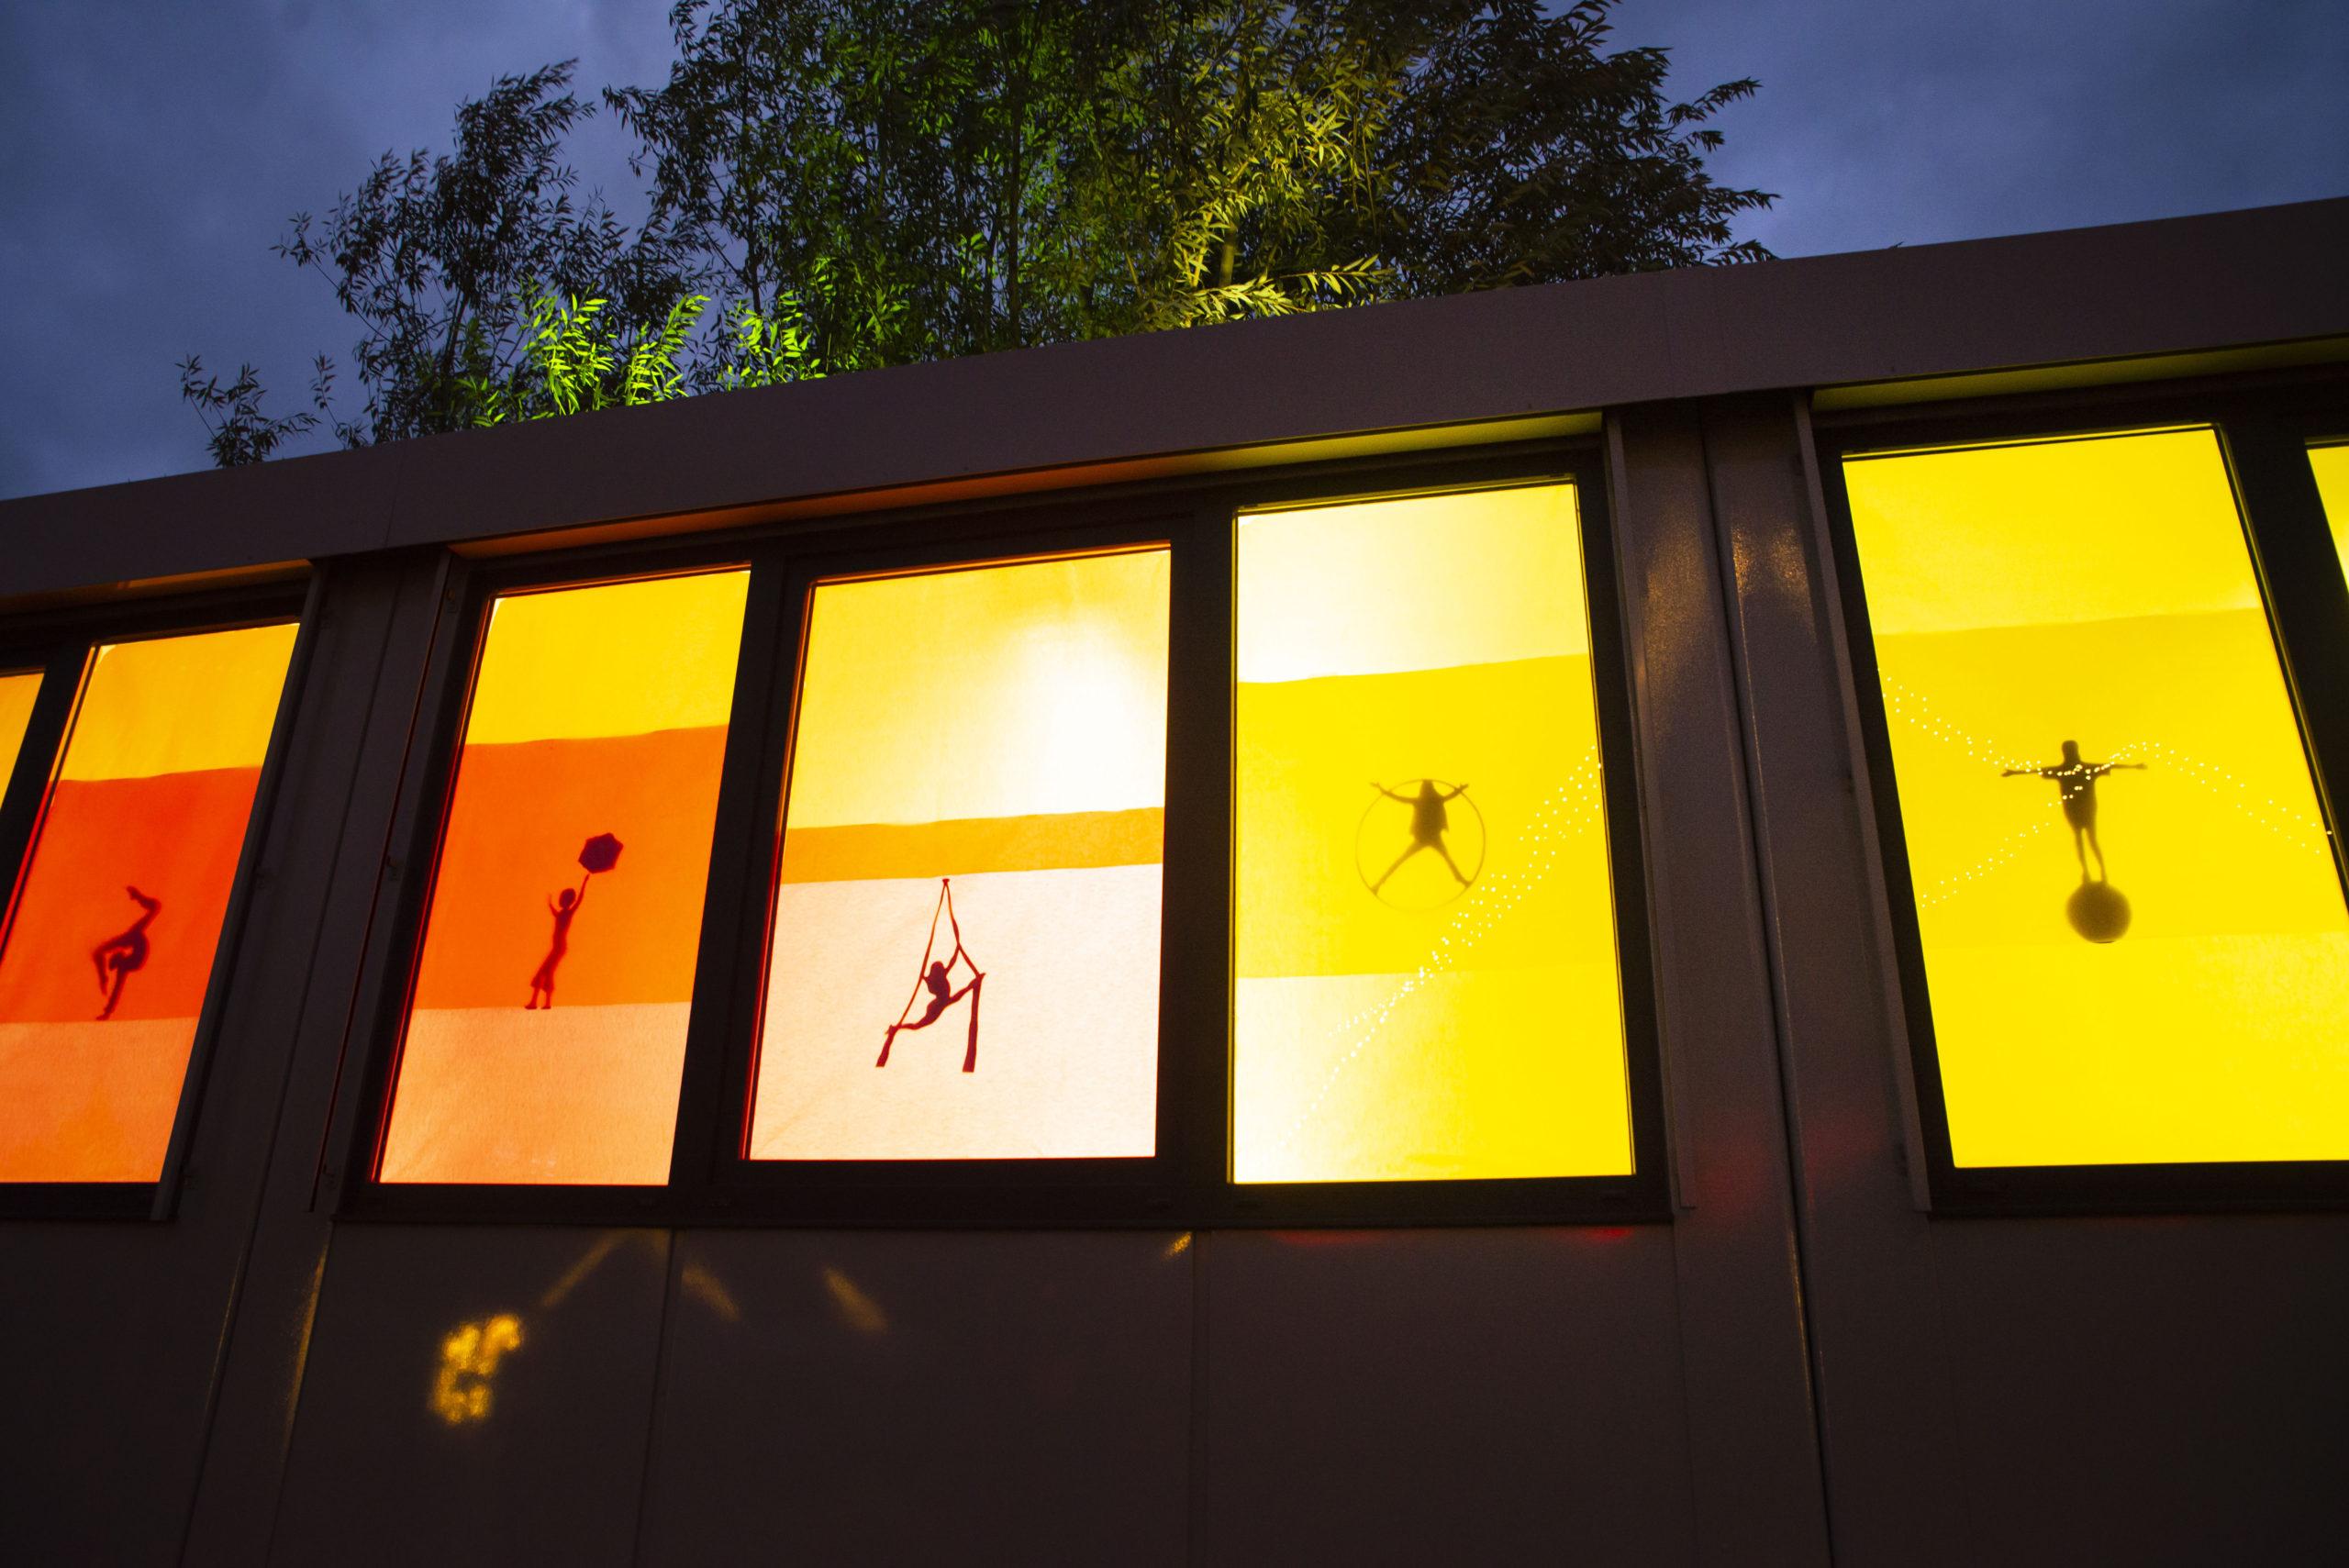 Bunte Fenster lassen den Bürocoantainer einer gigantischen Laterne ähneln